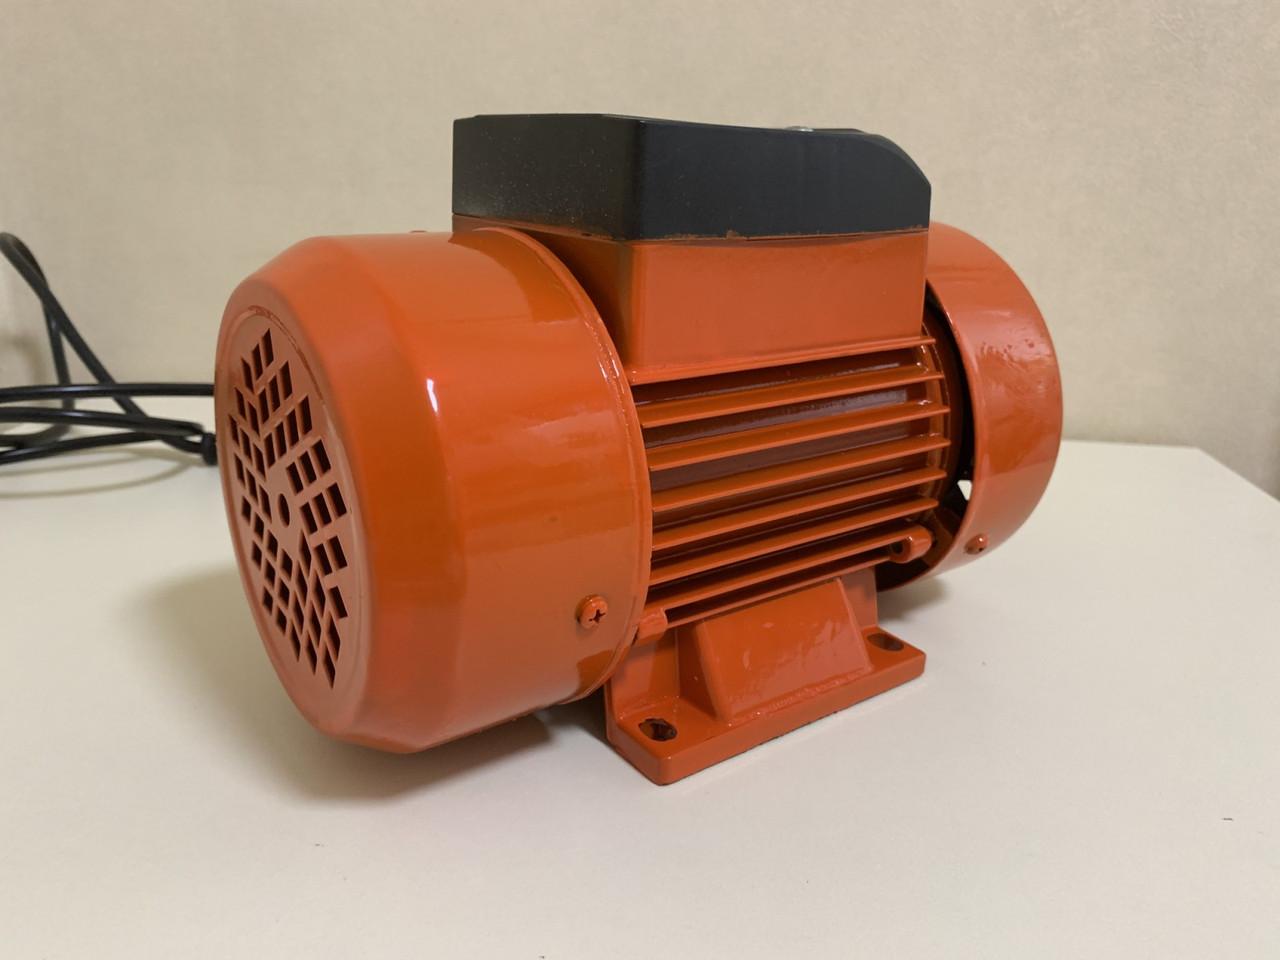 Вибродвигатель для вибростола (площадочный вибратор) 220 вольт West-Tec WSVM-510L (желтый)